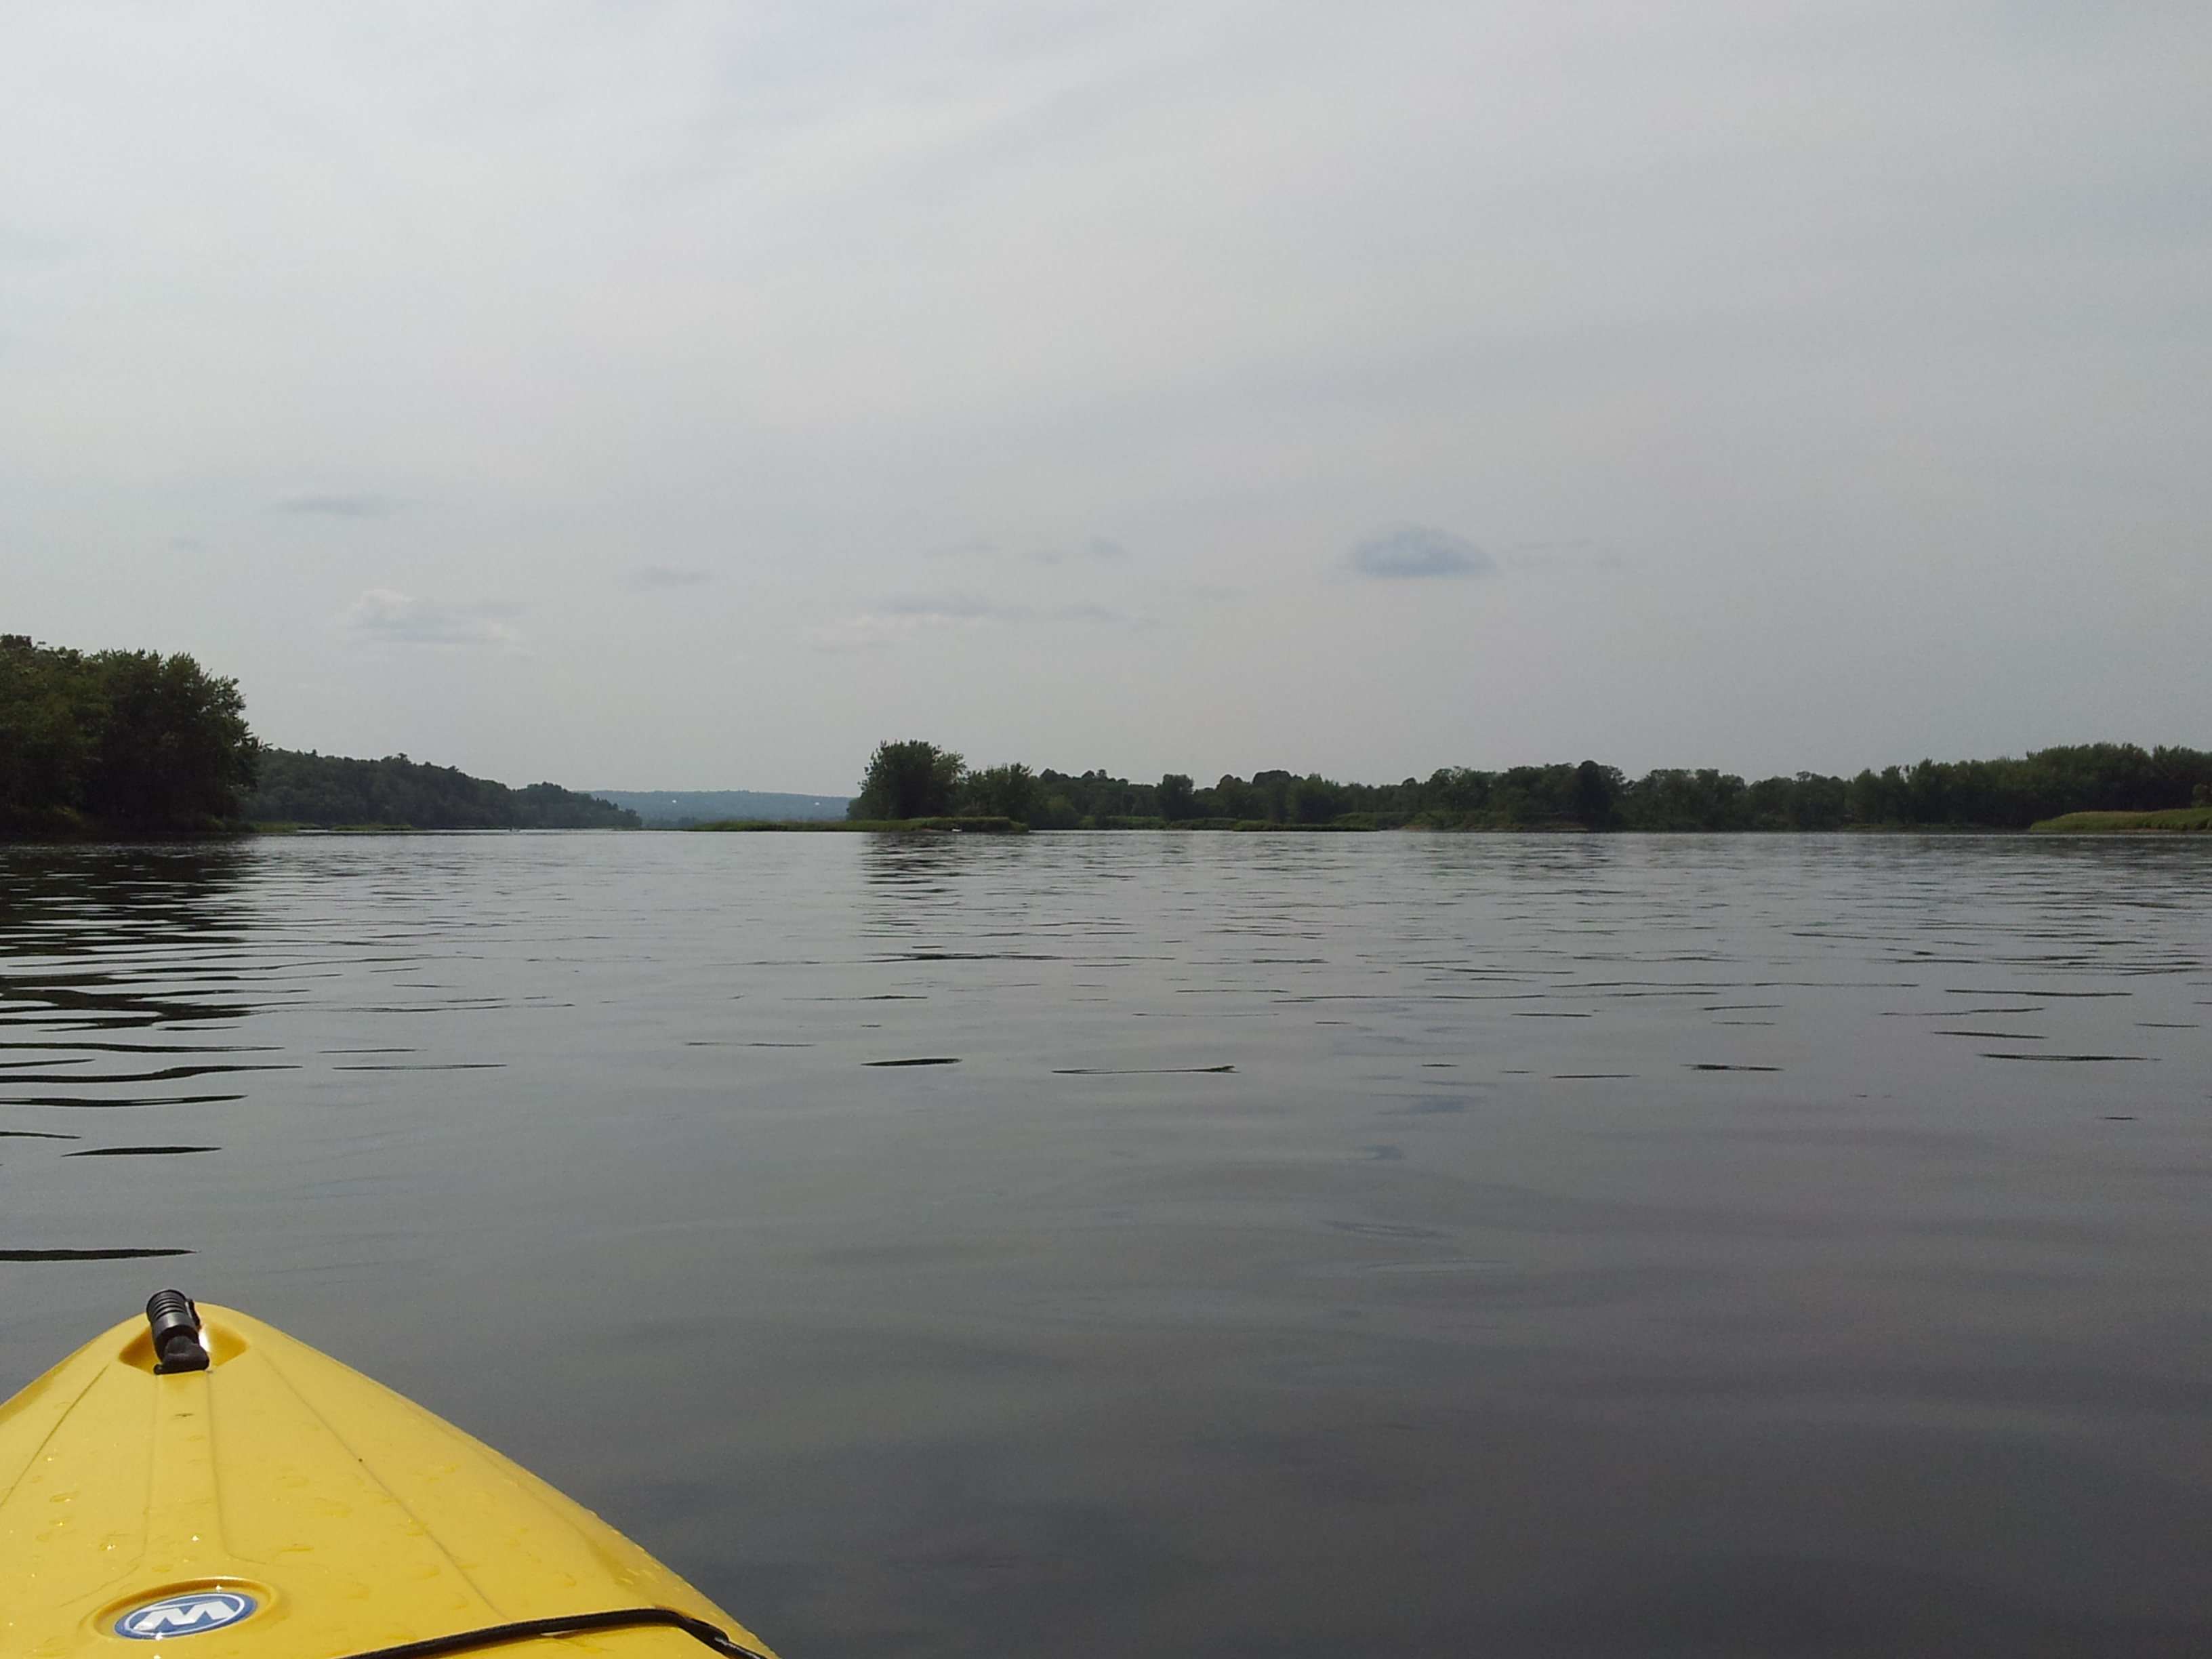 Approaching Eqpahak Island